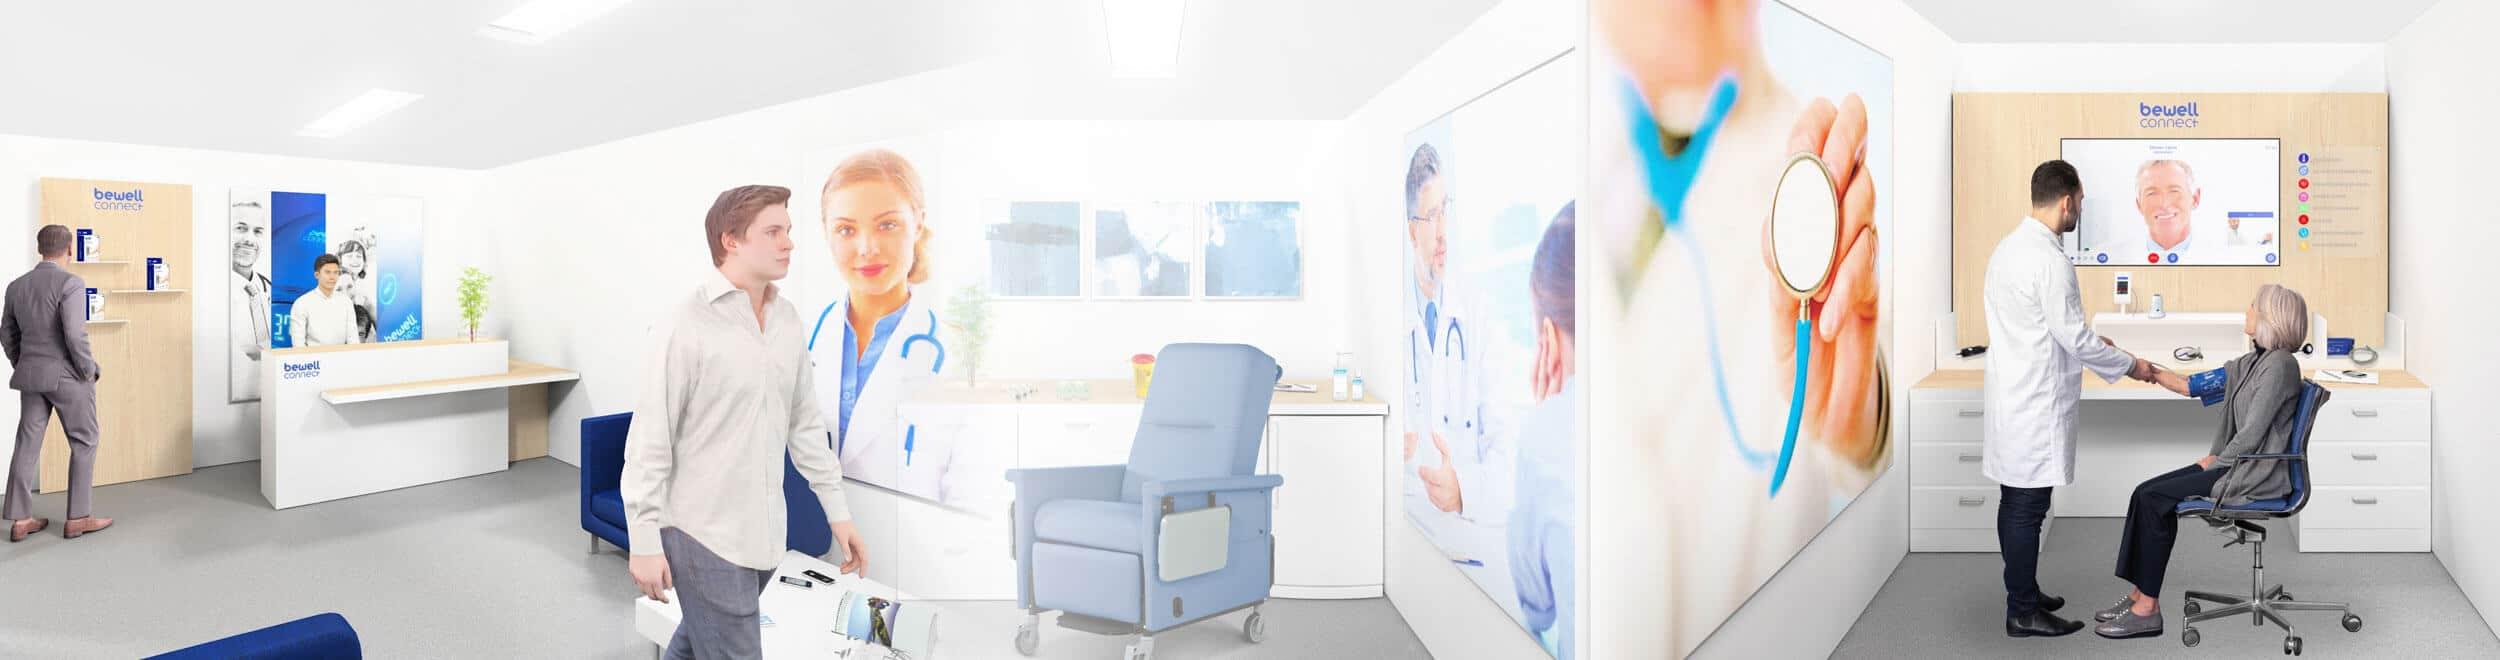 Espace de santé connecté